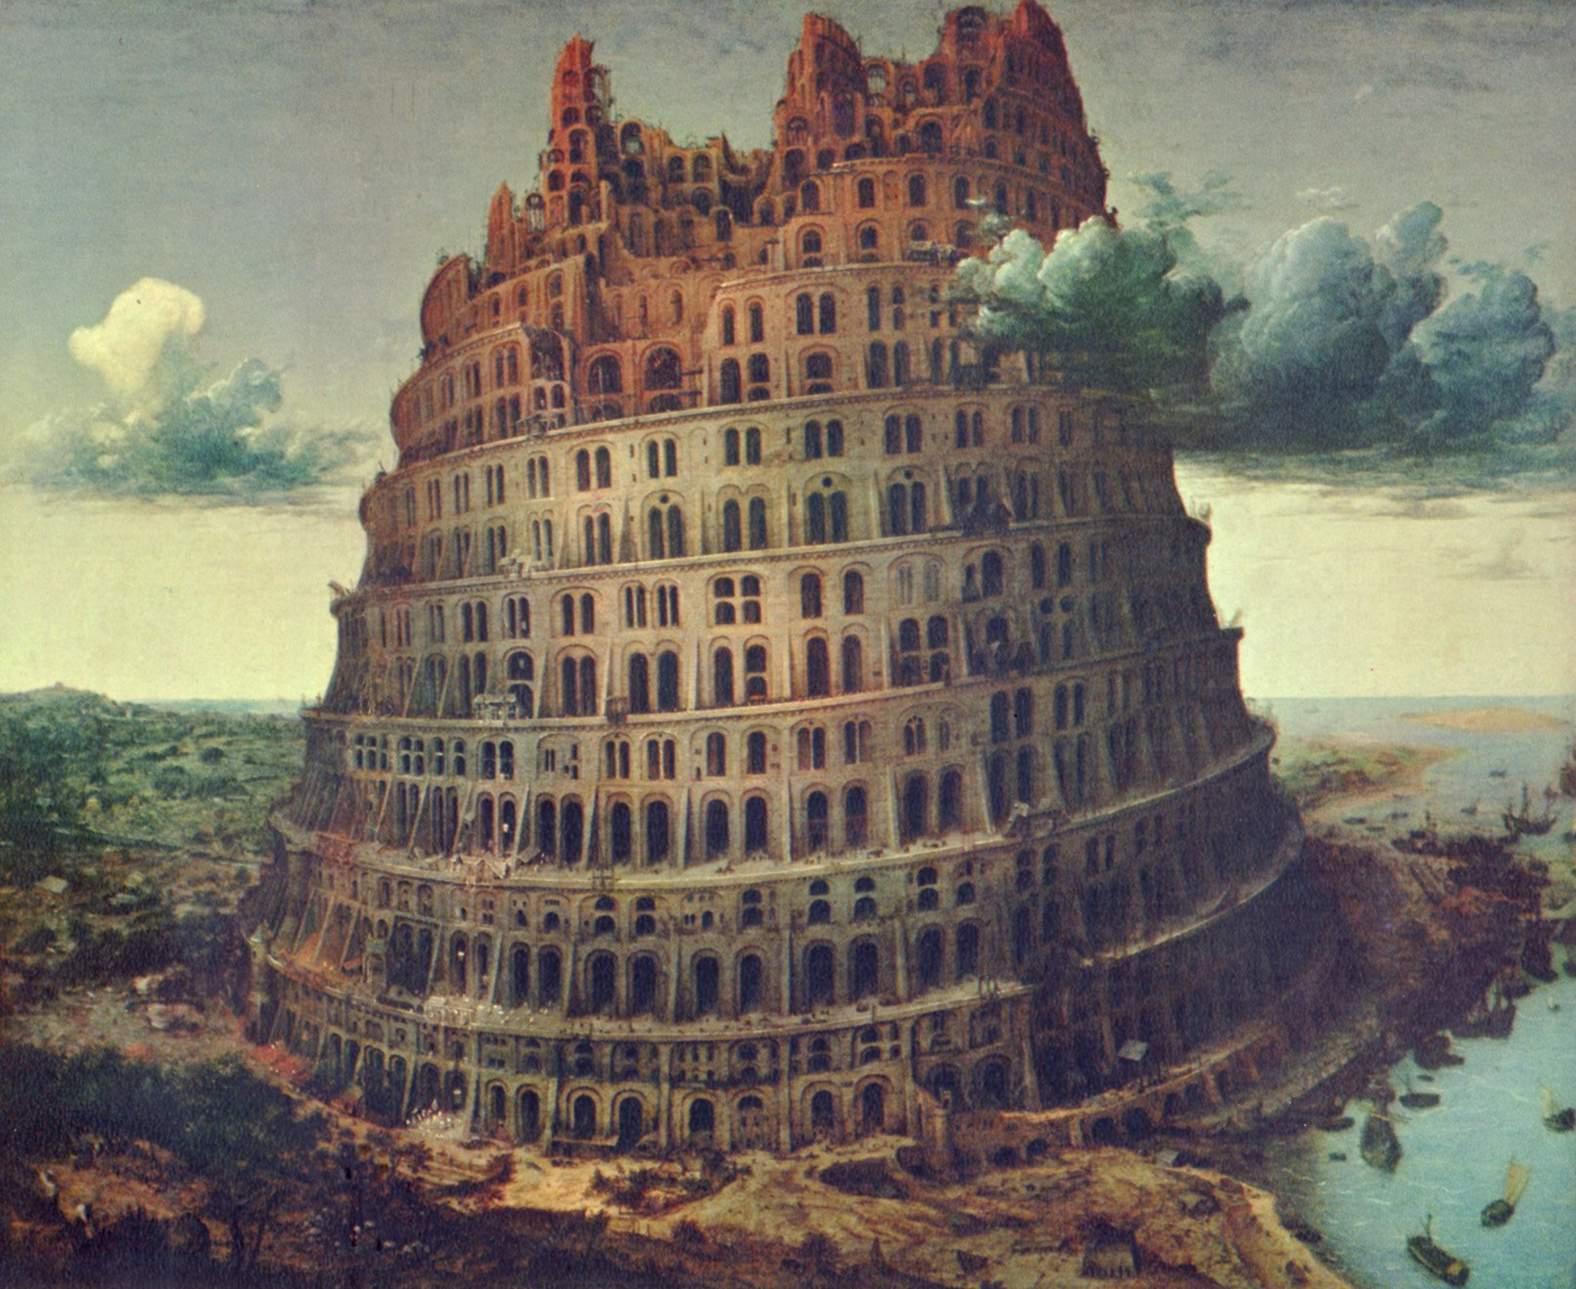 http://1.bp.blogspot.com/_CNREPdvq7Cc/TKL7dl60y8I/AAAAAAAAD_s/v15GARygIUc/s1600/%D0%9E%D1%80%D0%B8%D0%B3%D0%B8%D0%BD%D0%B0%D0%BB+-+Pieter+Bruegel+the+Elder+-+The+Tower+of+Babel.jpg